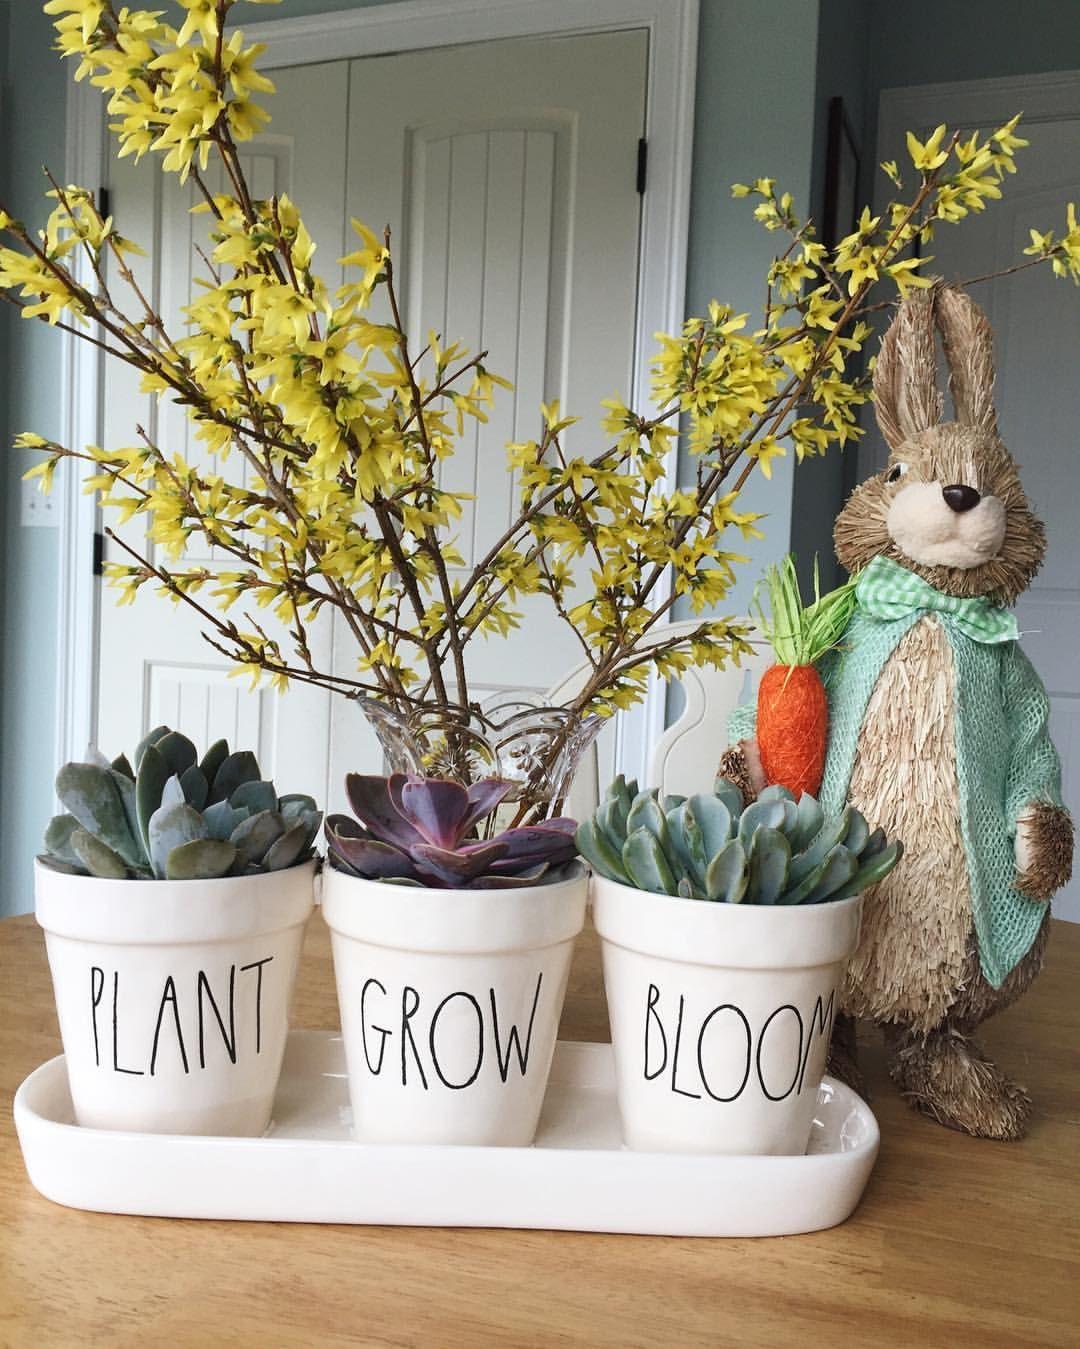 Cute Home Decor: Rae Dunn Mini Gardening Pots